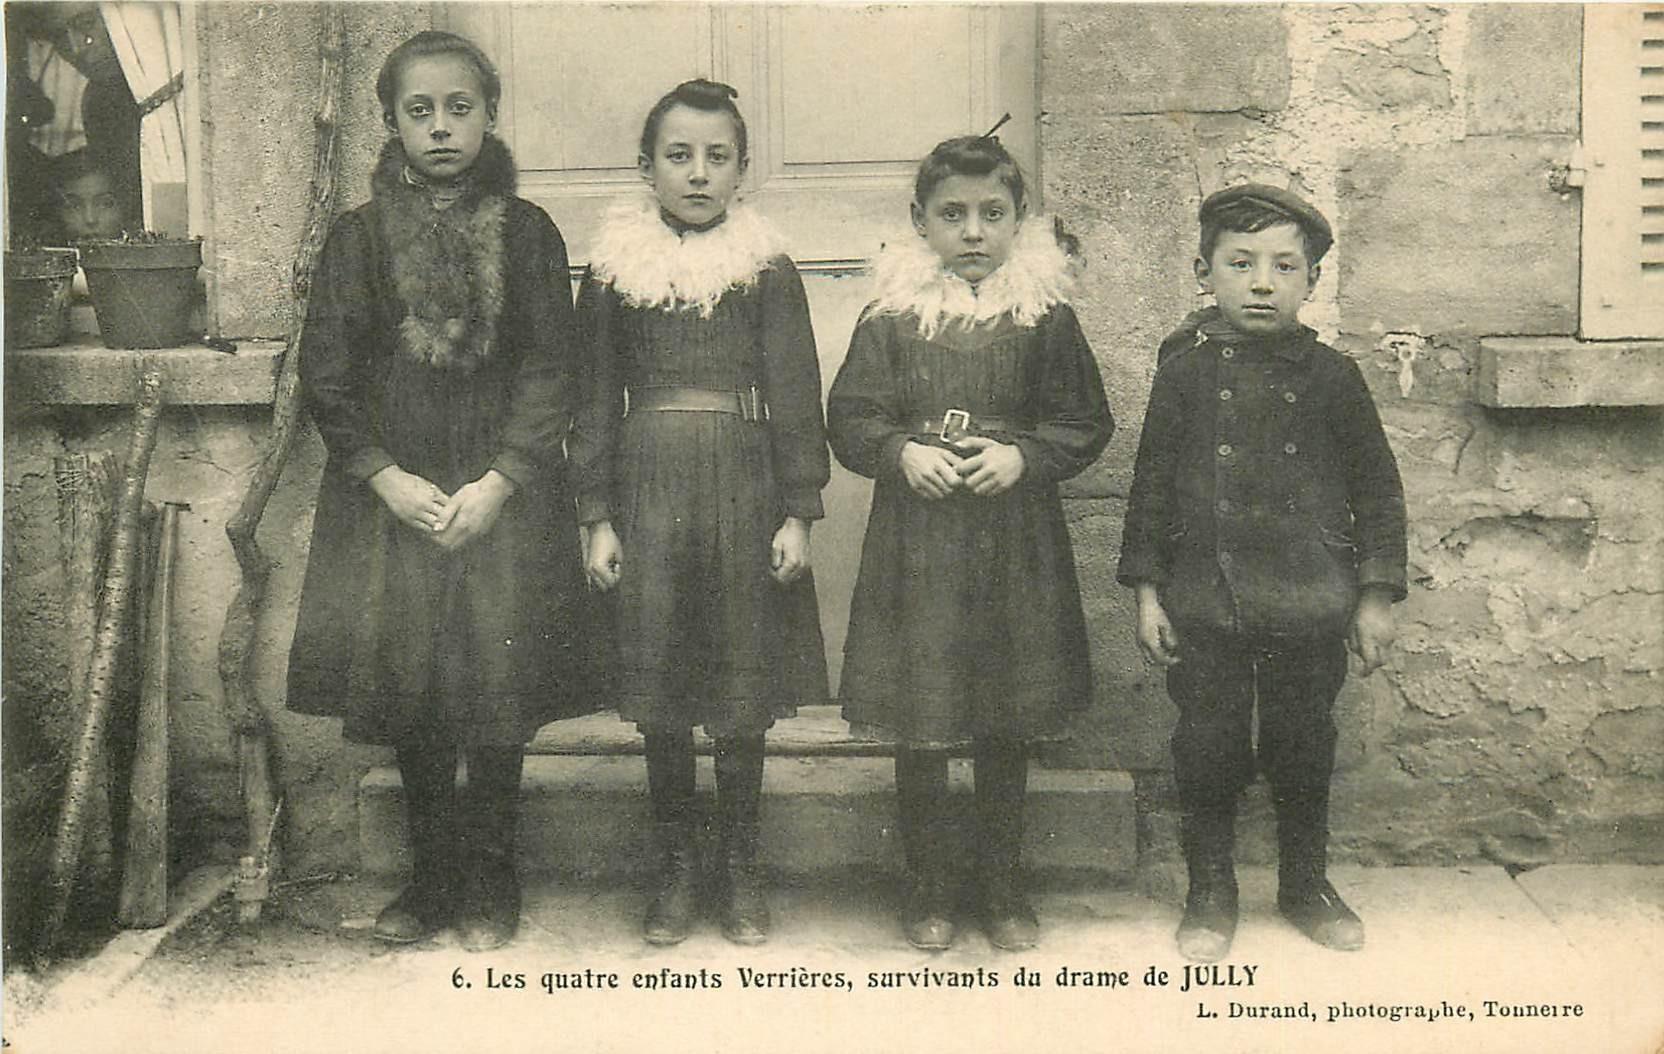 89 LE CRIME DE JULLY. Les quatre enfants Verrières survivants du drame